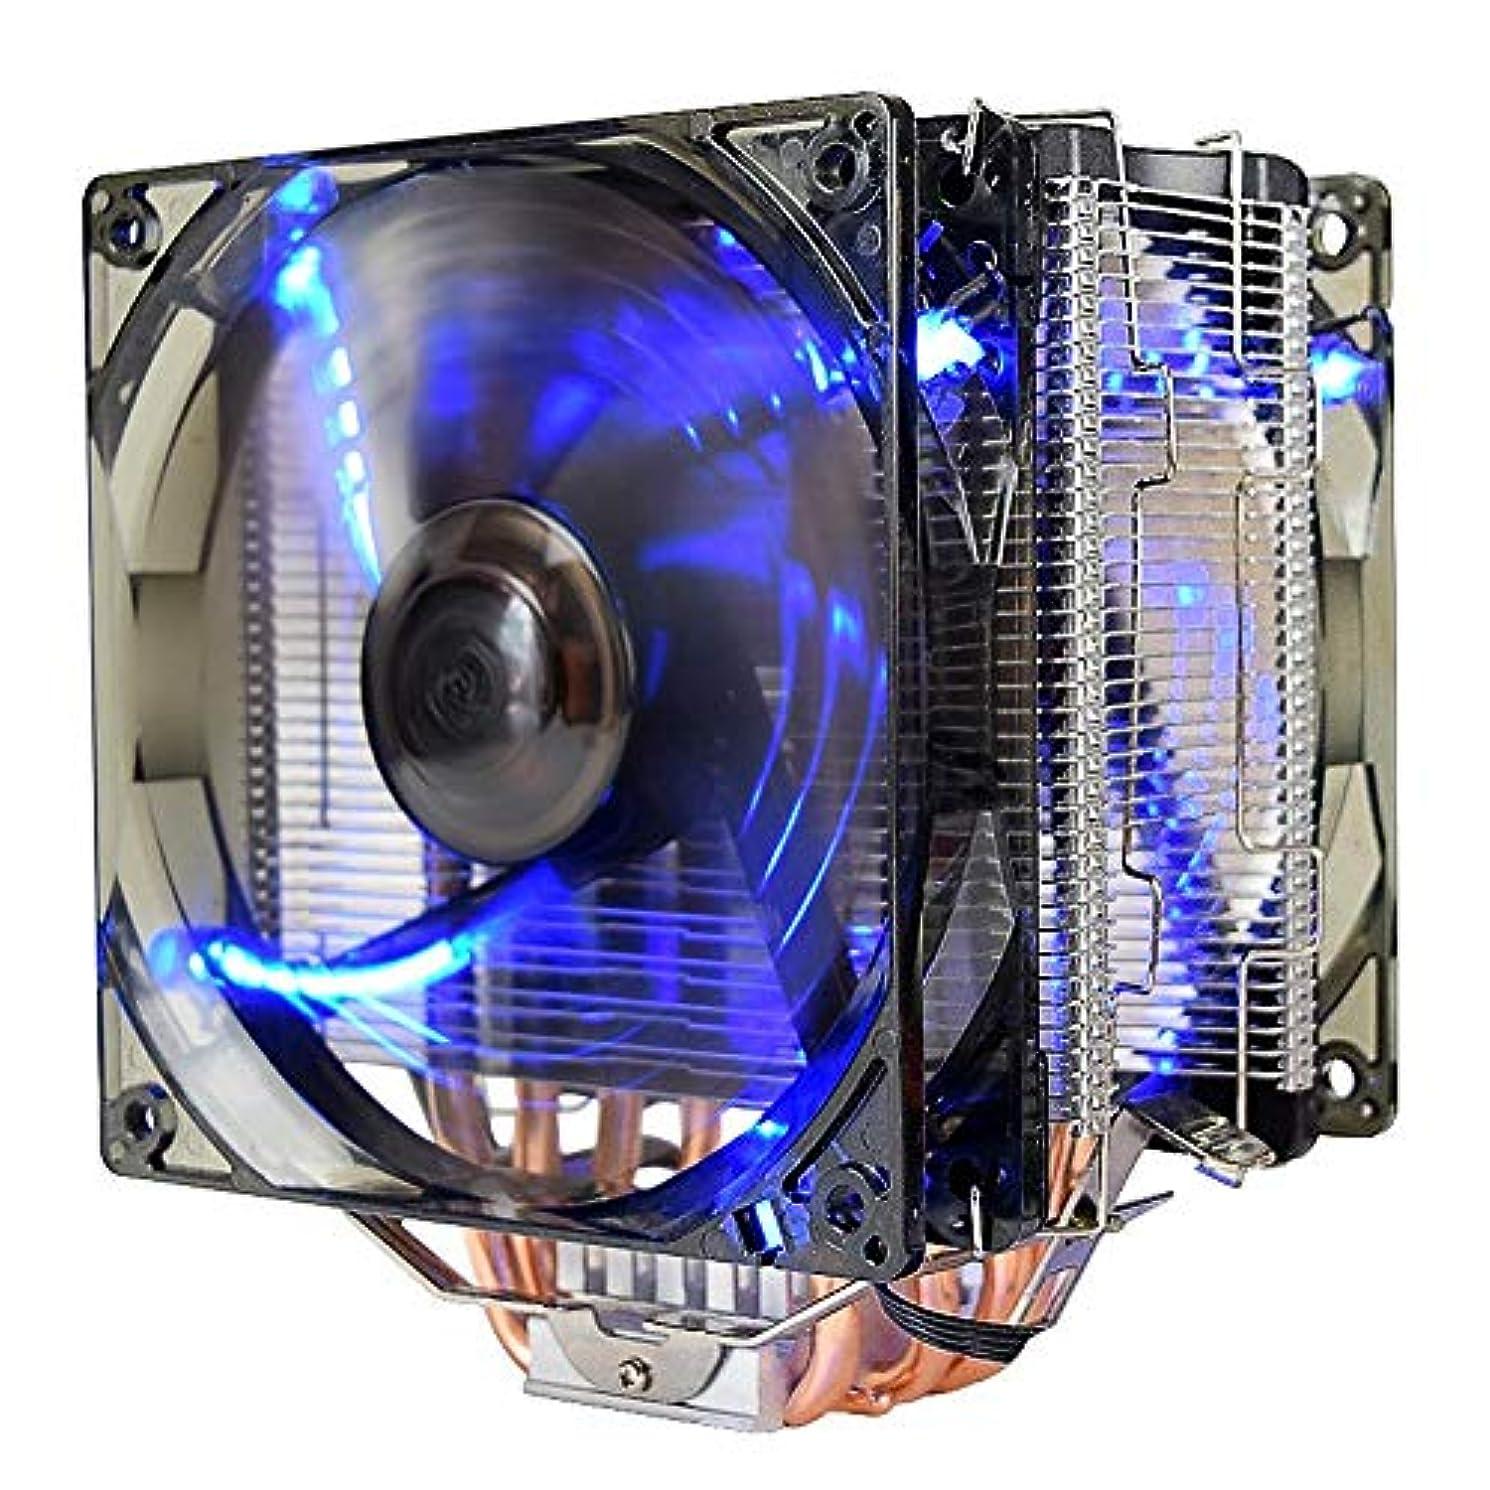 トークミキサーフィードバックフローCPUクーラー AMD AM4 IntelのLGA 775対応12V X6 4ピンダブルLED銅のCPUクーラーのファン 高風量放熱性能 (色 : Black, Size : One size)